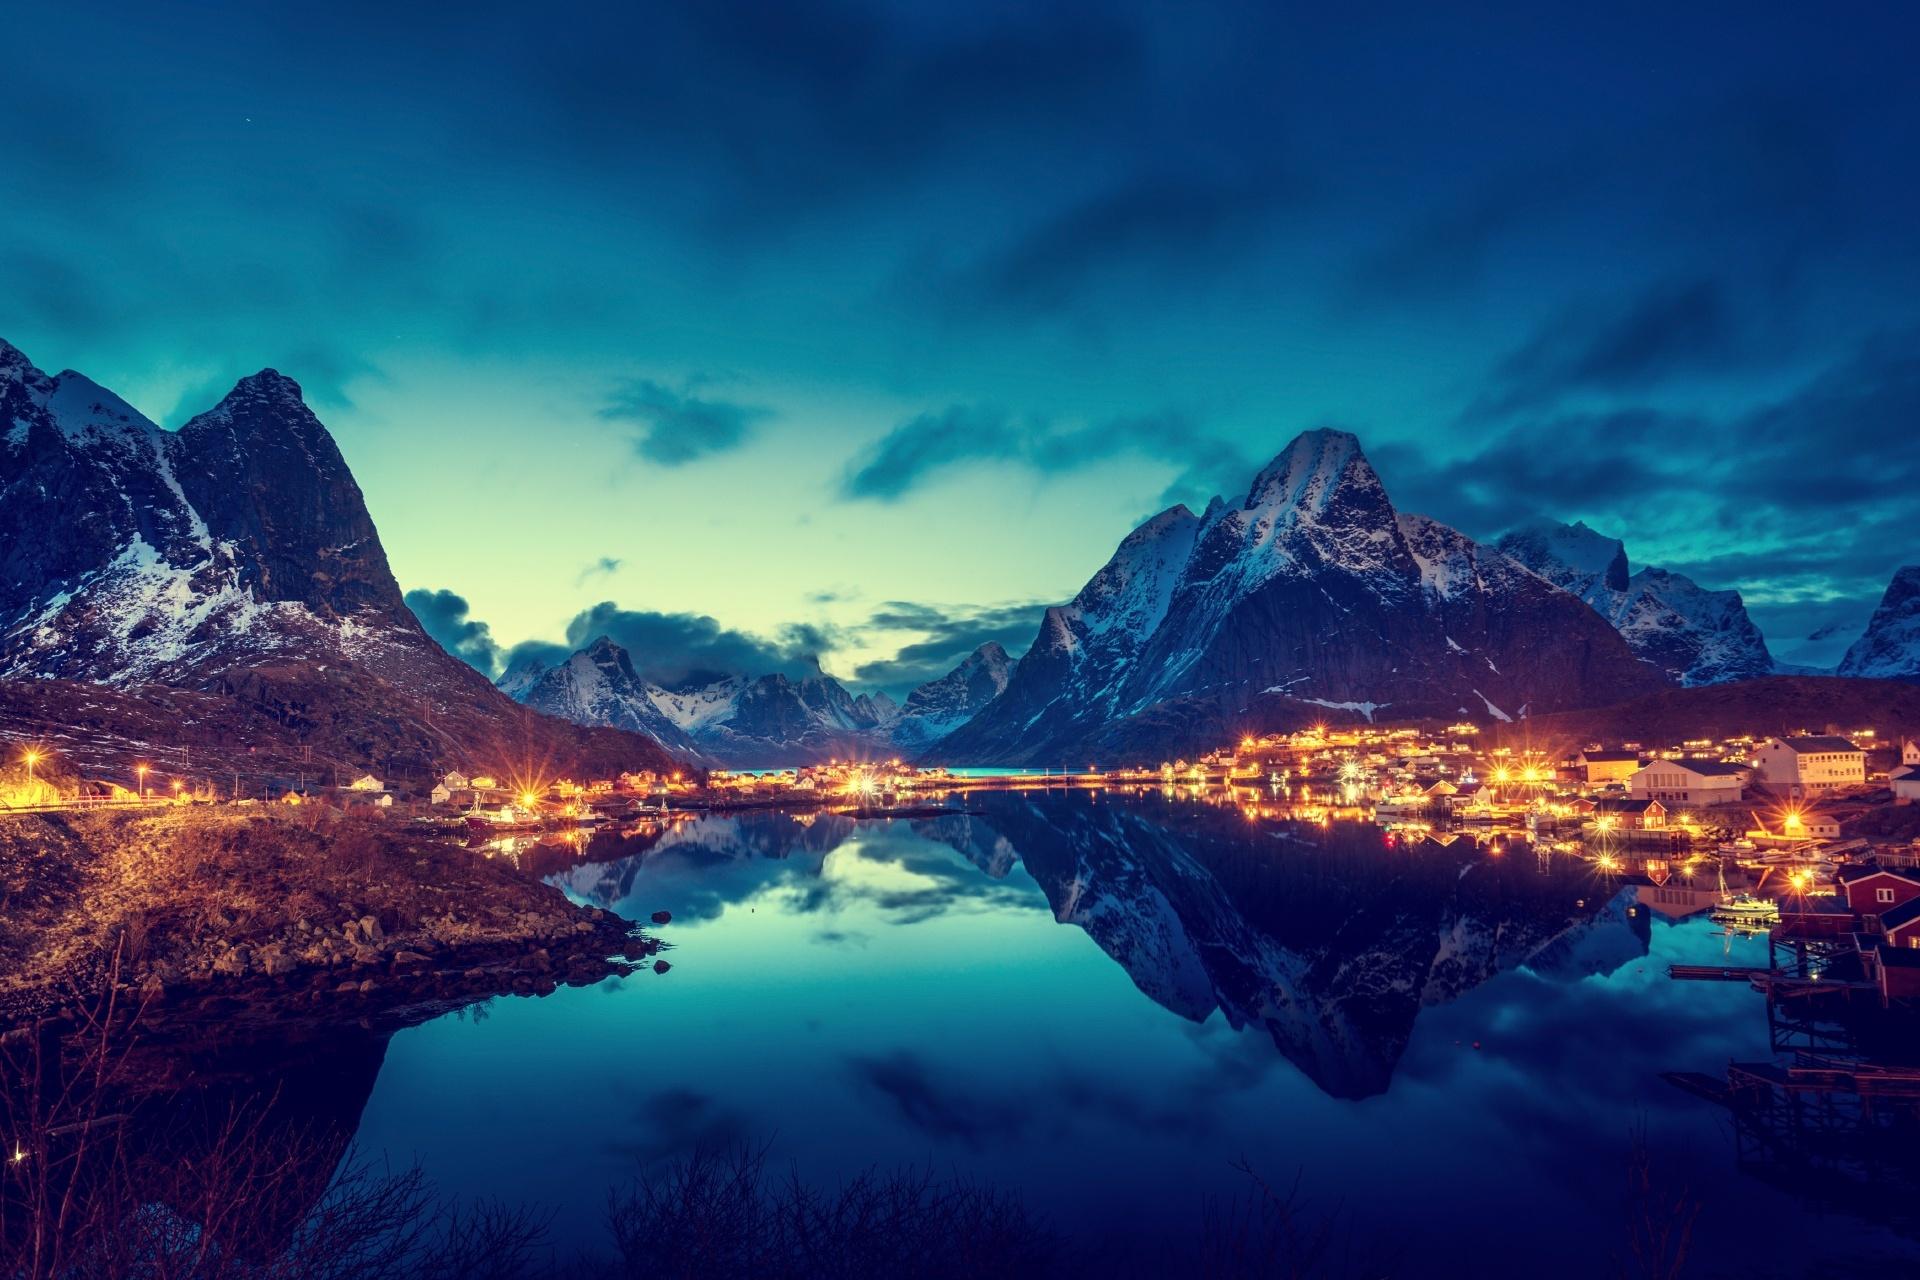 夕暮れのロフォーテン諸島 ノルウェーの風景